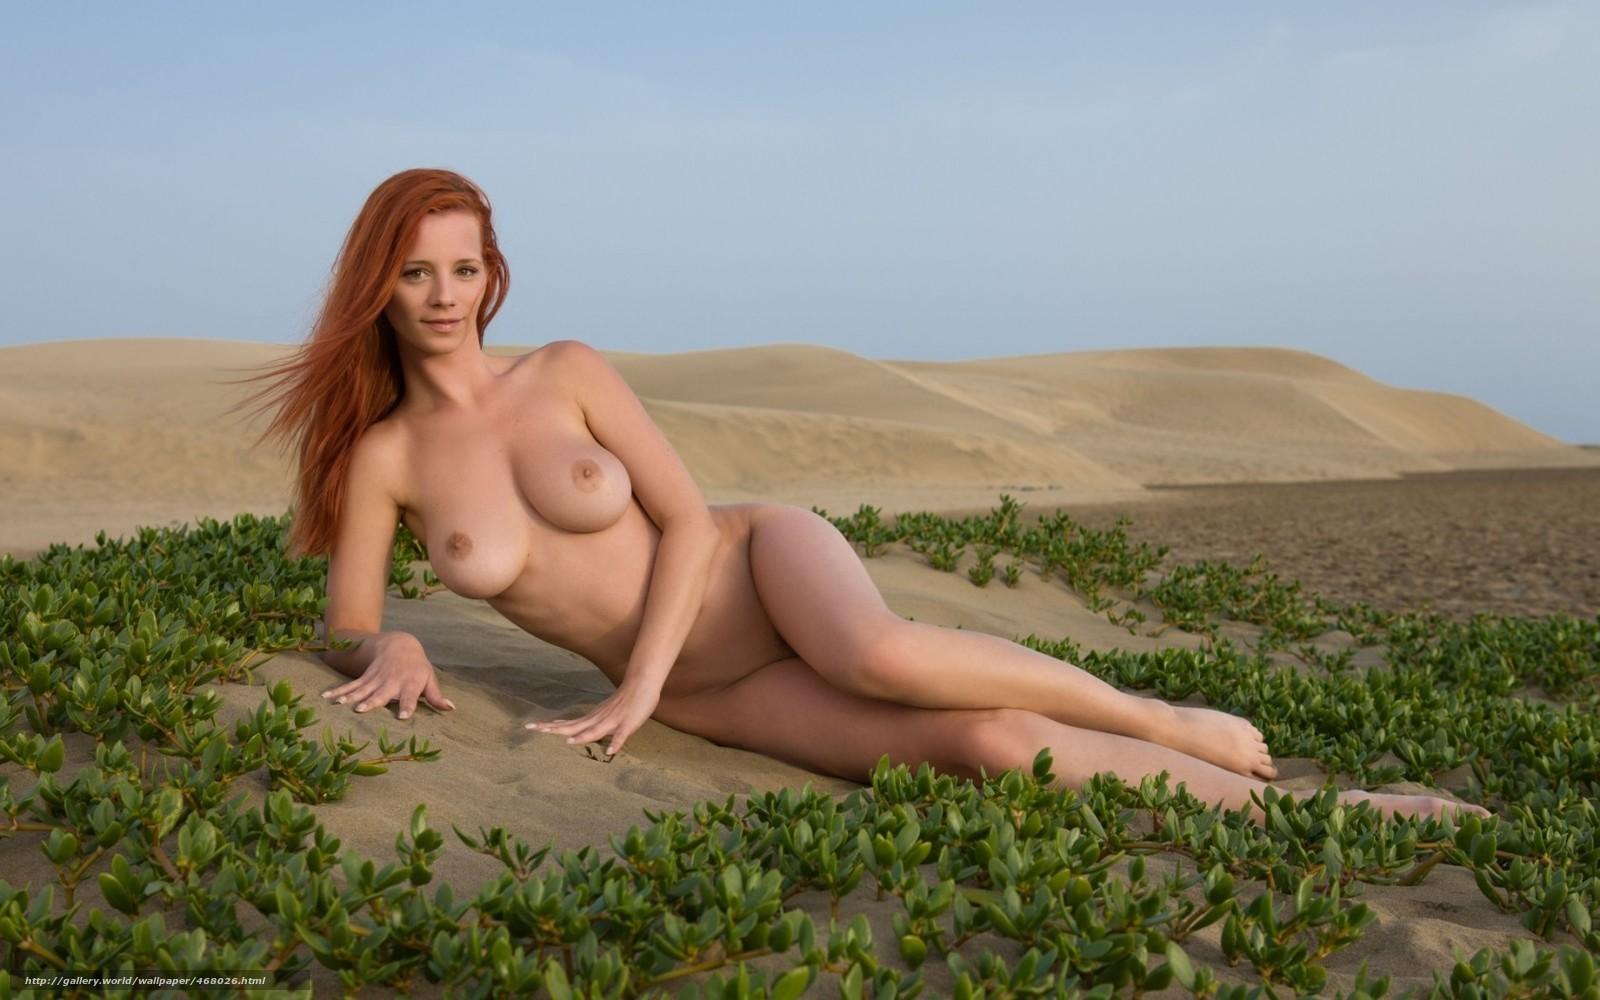 Рыжая с большой грудью смотреть онлайн 18 фотография